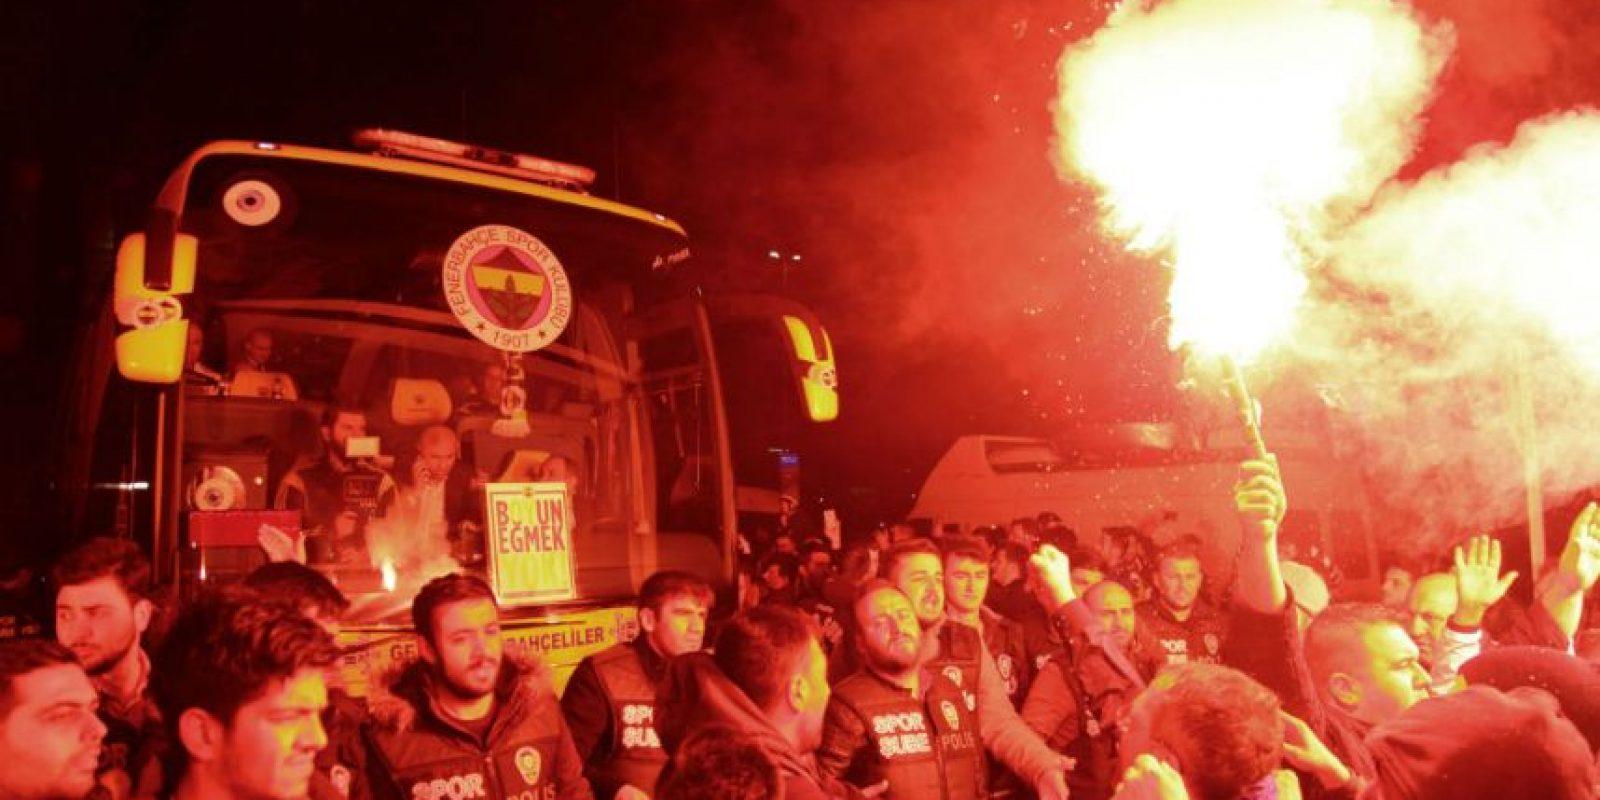 Los seguidores del Fenerbahçe se reunieron en el aeropuerto a esperar a su equipo, después del ataque. Foto:AFP